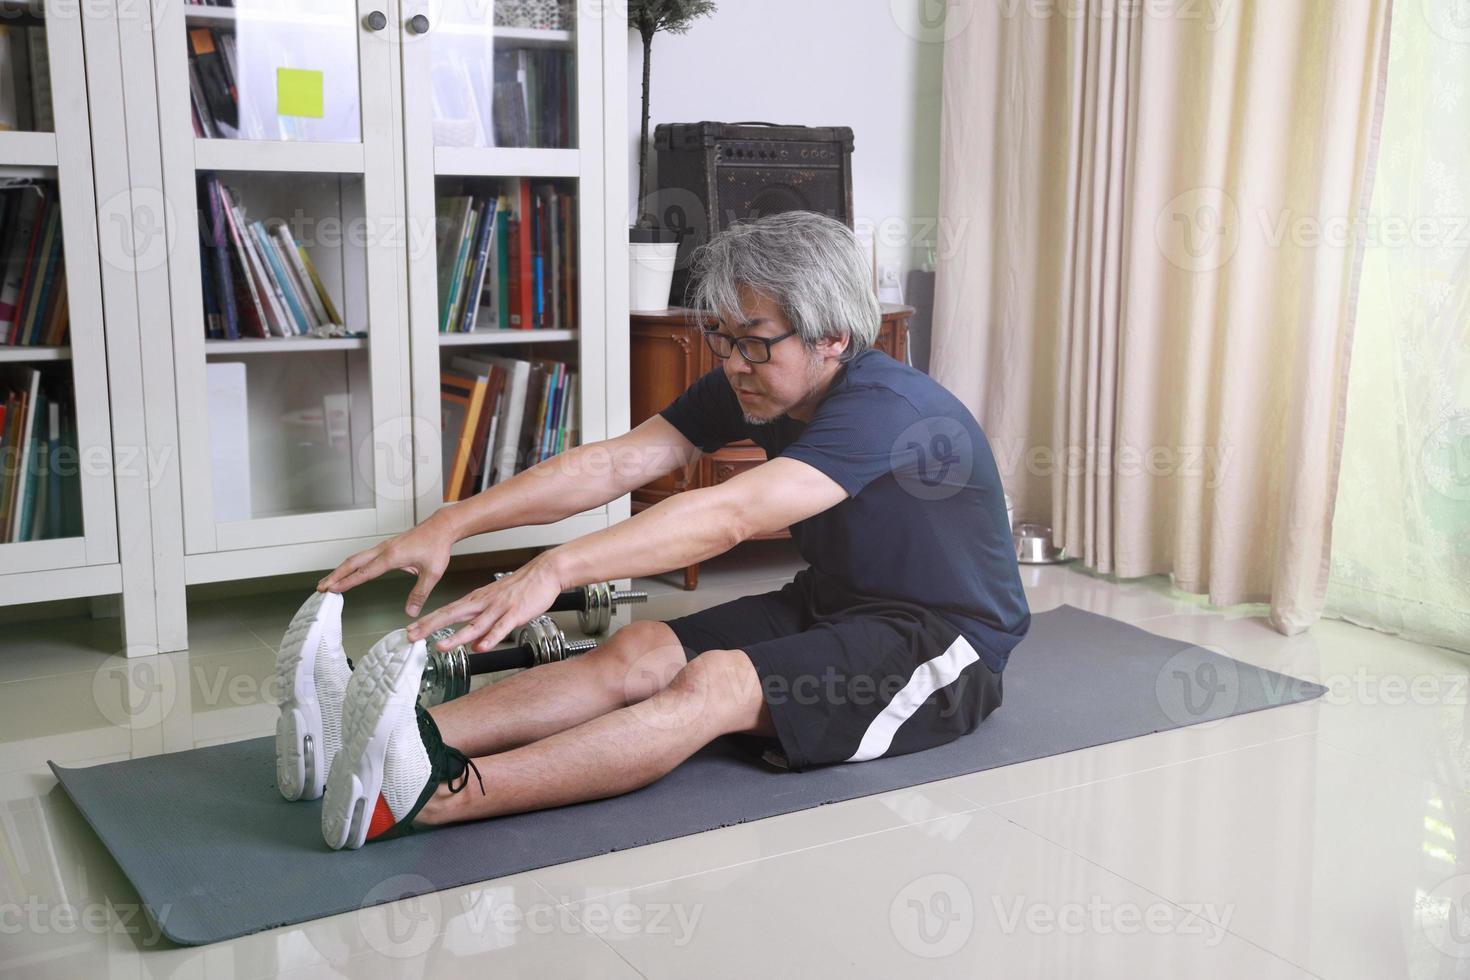 séance d'entraînement d'homme asiatique photo